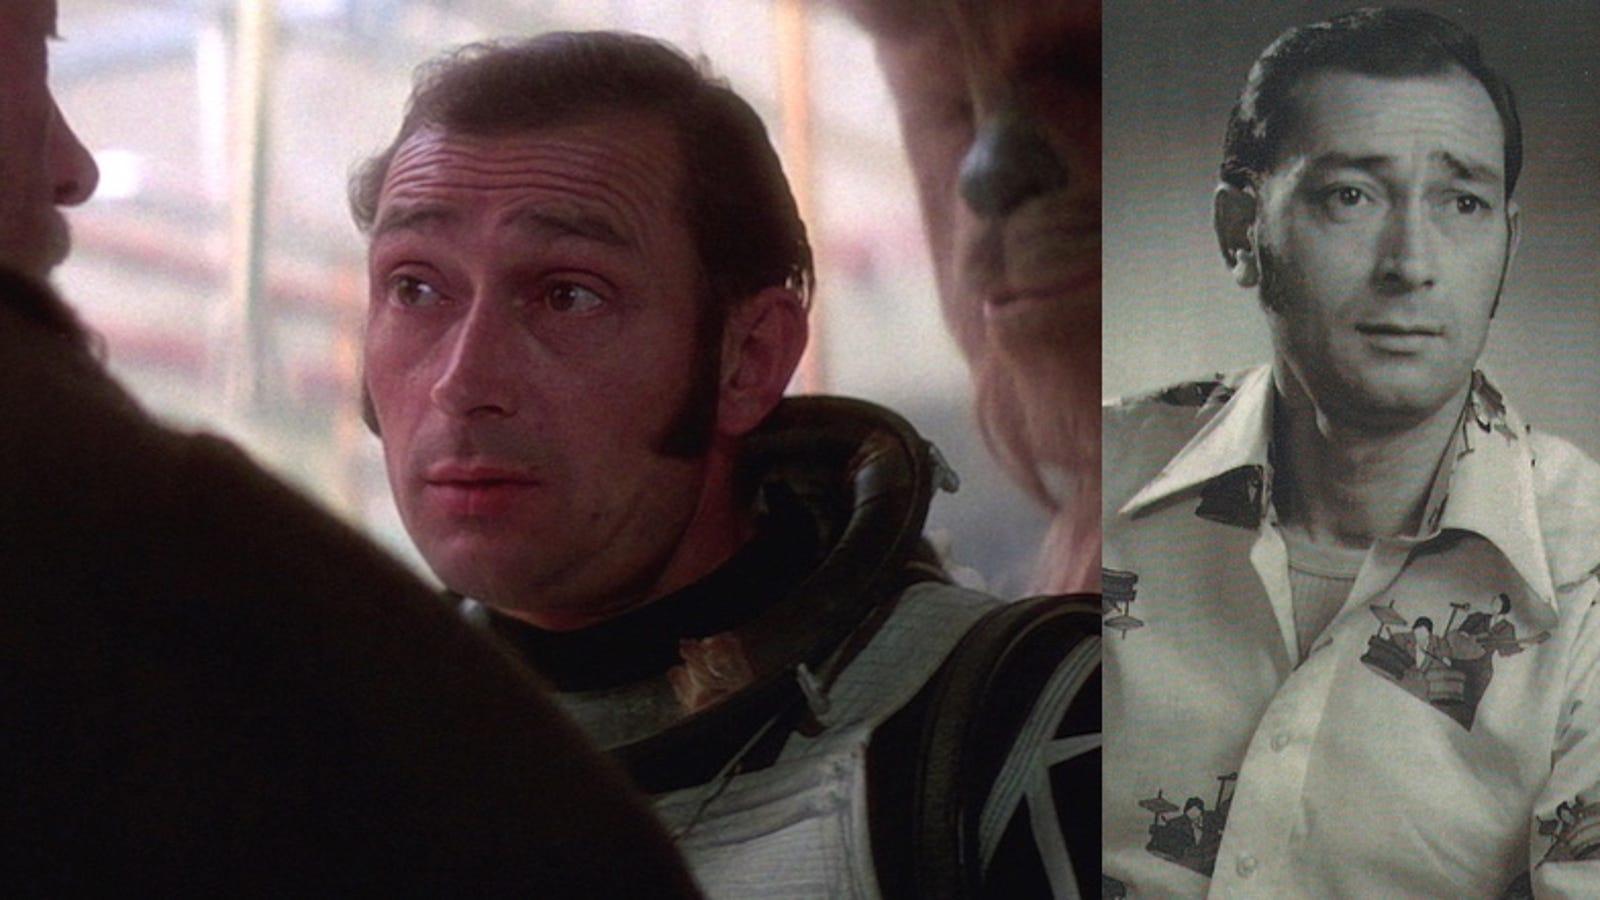 Resuelto uno de los pocos misterios que le quedaban a Star Wars: quién es este hombre